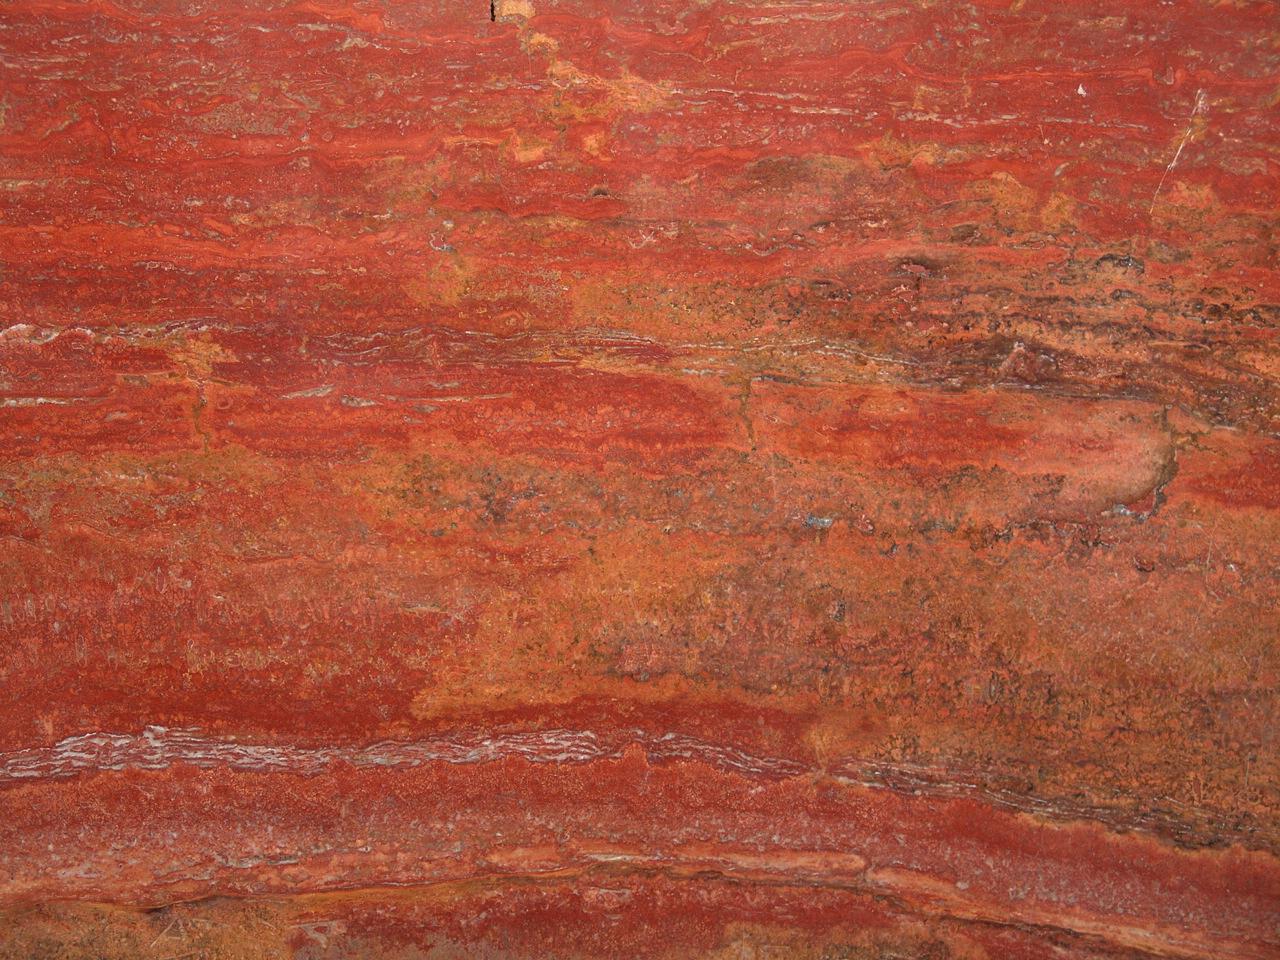 Pavimento Marmo Rosso : Zem enrico marmi prezzi dei pavimenti super convenienti! prezzo